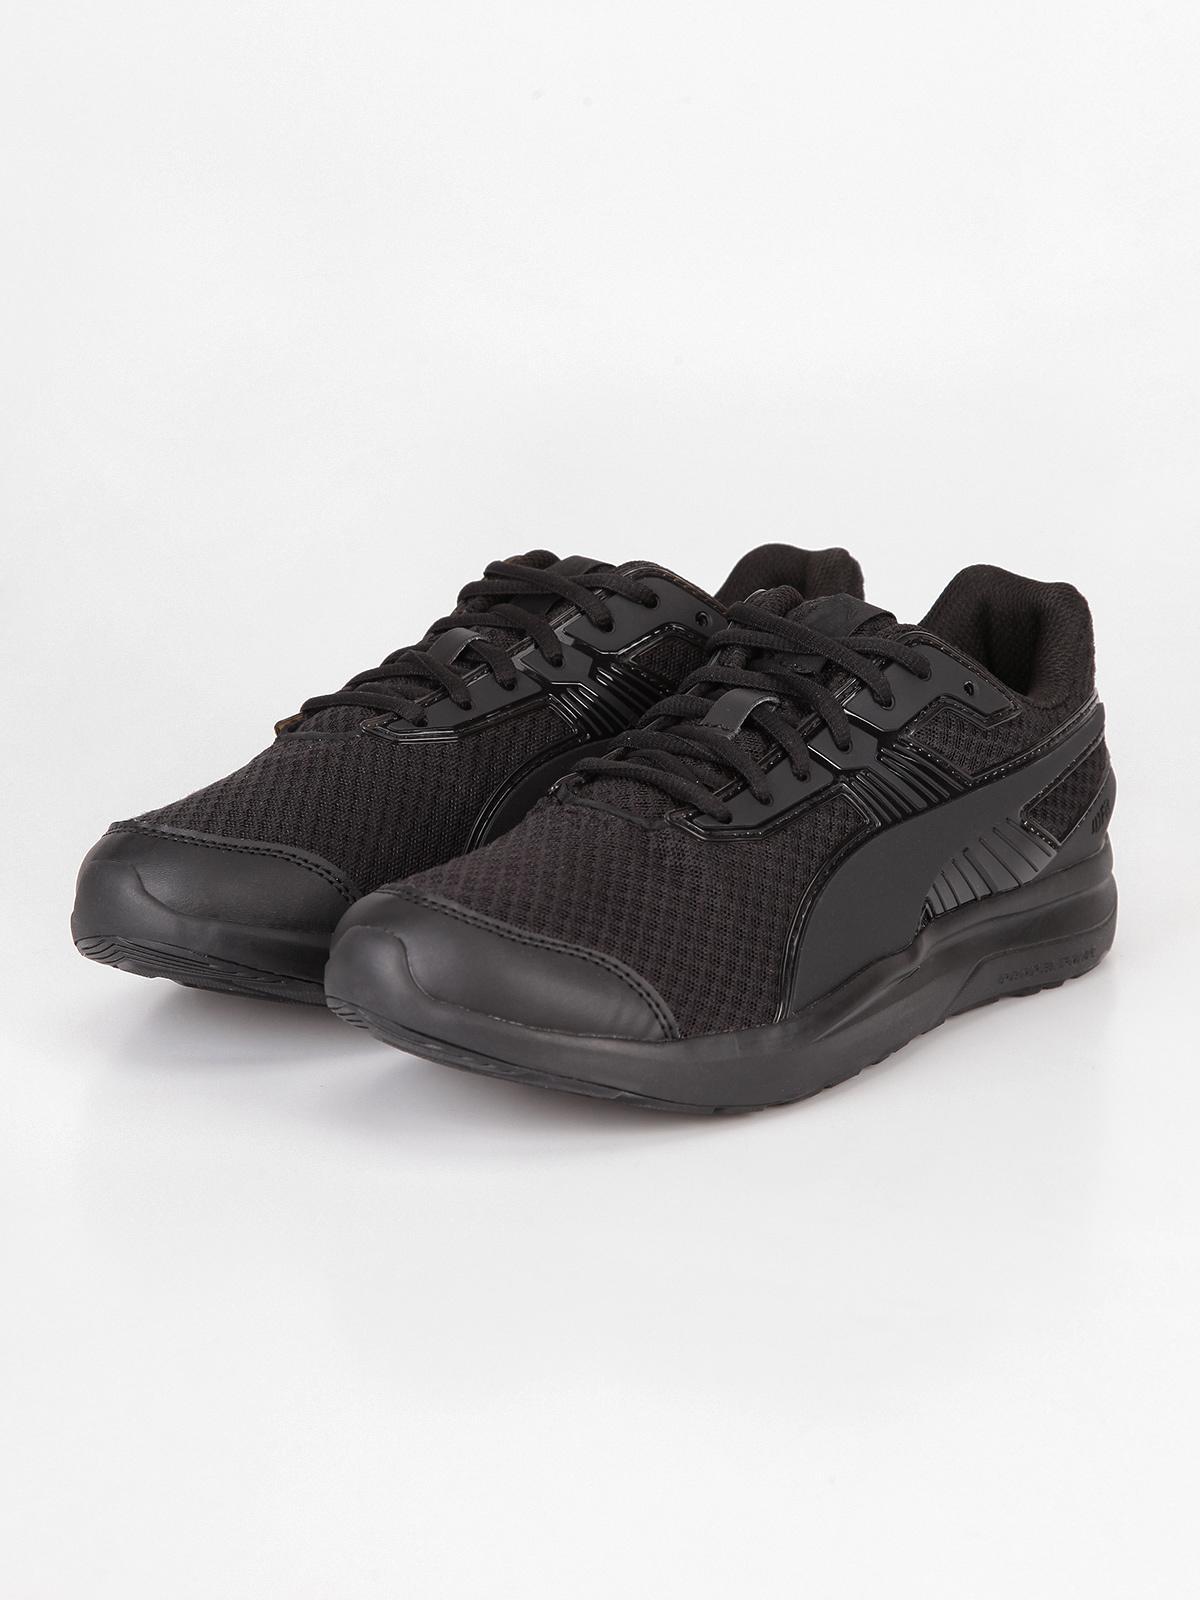 2puma nere scarpe